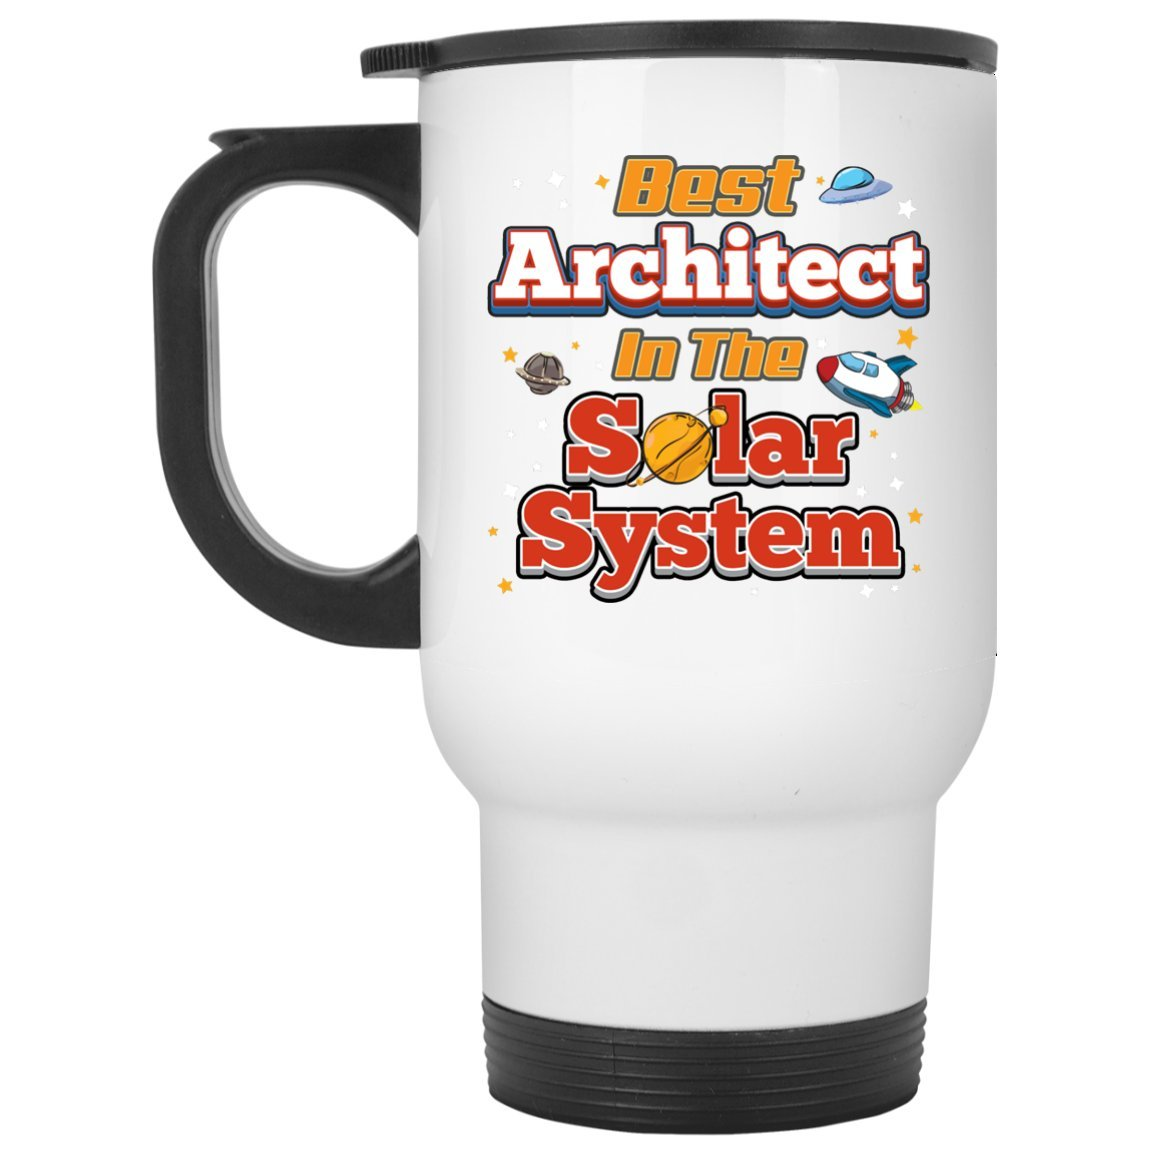 Architect Mug-Best Architect In The Solar System-Architect Travel Mug Architect Gifts